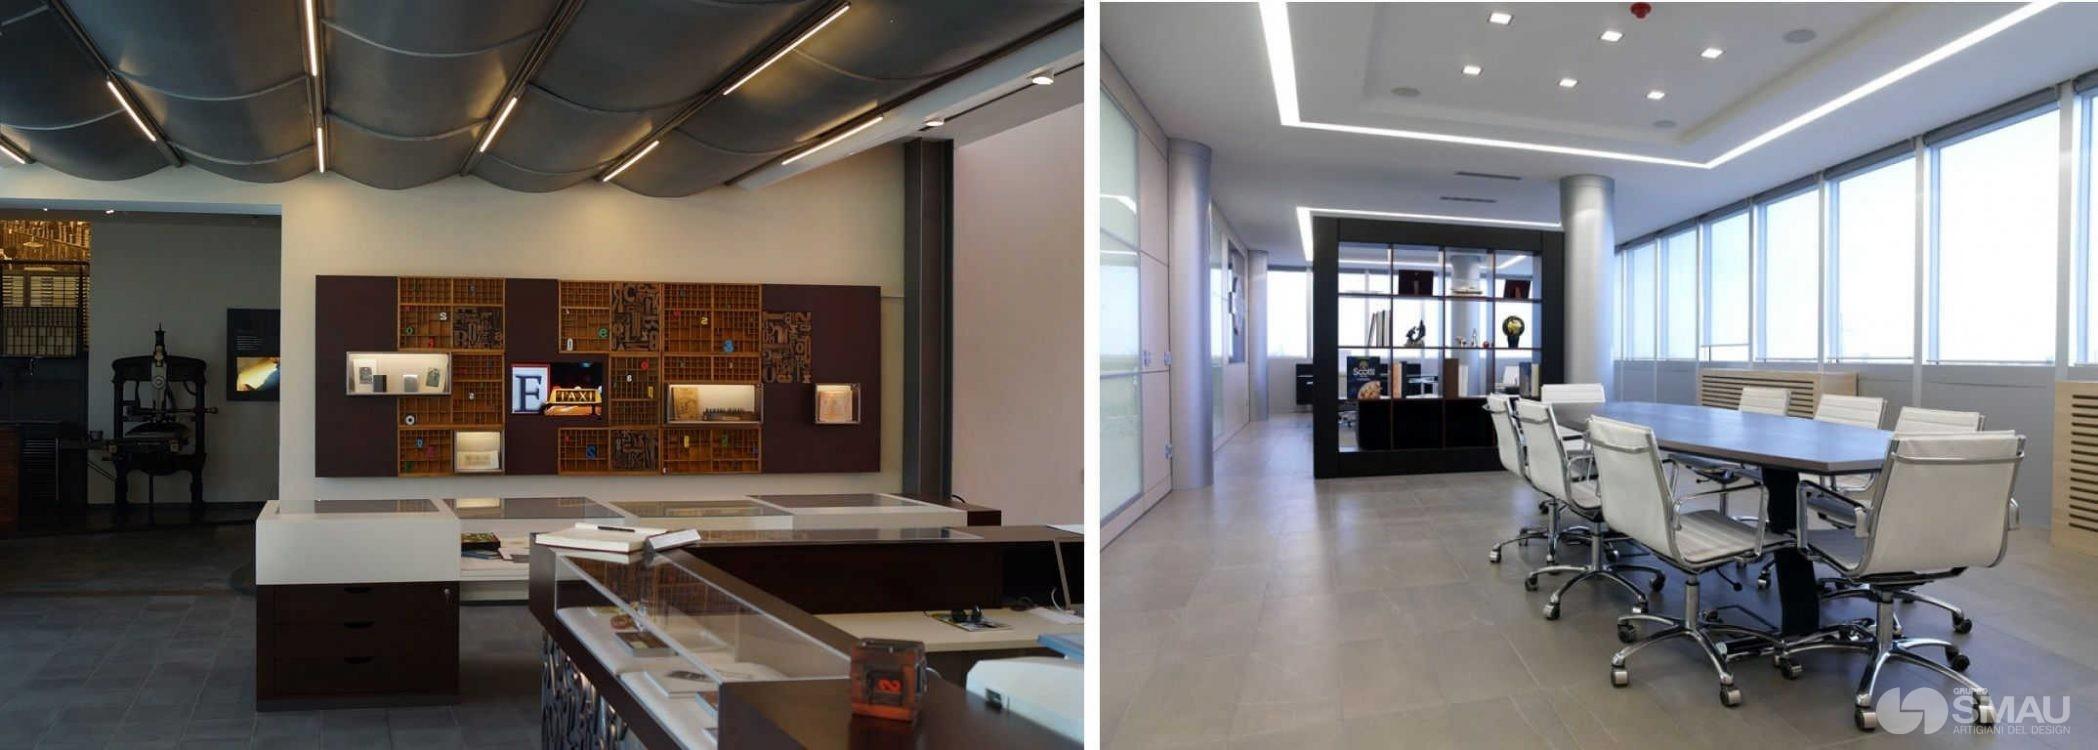 Sistemi Illuminazione Ufficio.Sistemi Di Illuminazione Per Ufficio Gruppo Smau